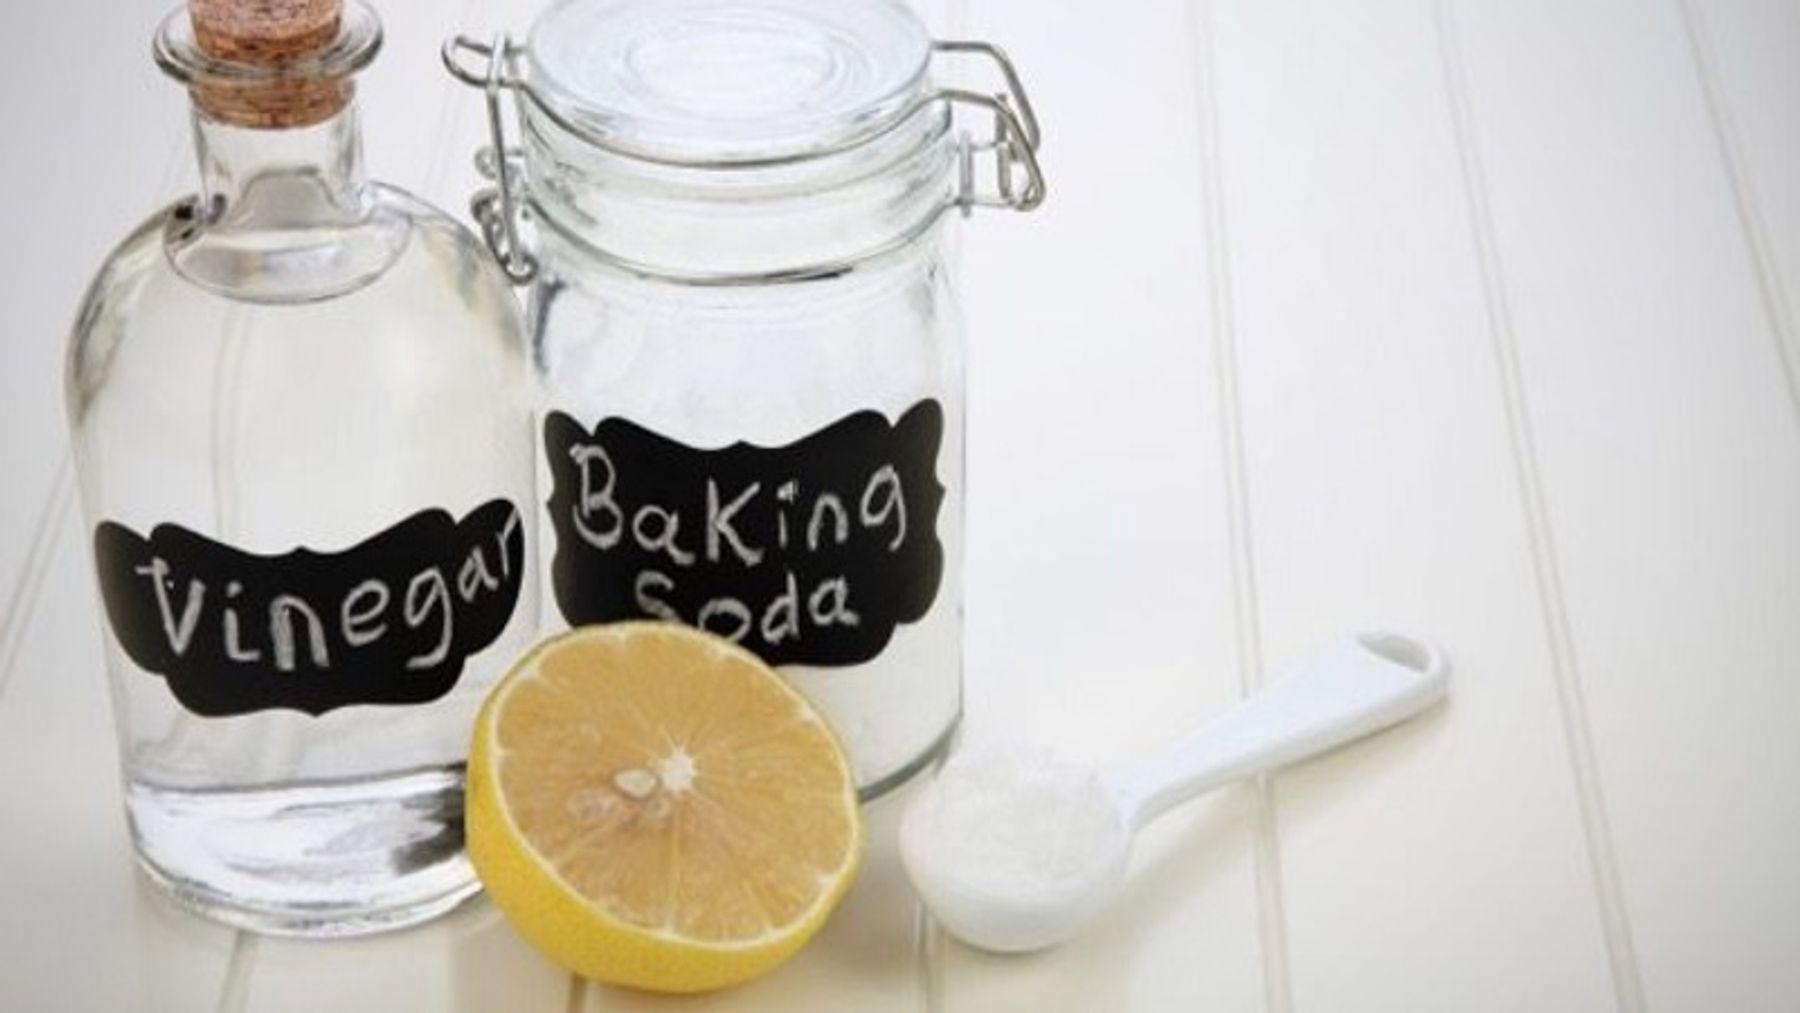 Step 3: Những nguyên liệu thường dùng để tẩy vết bẩn gồm baking soda, chanh, giấm...